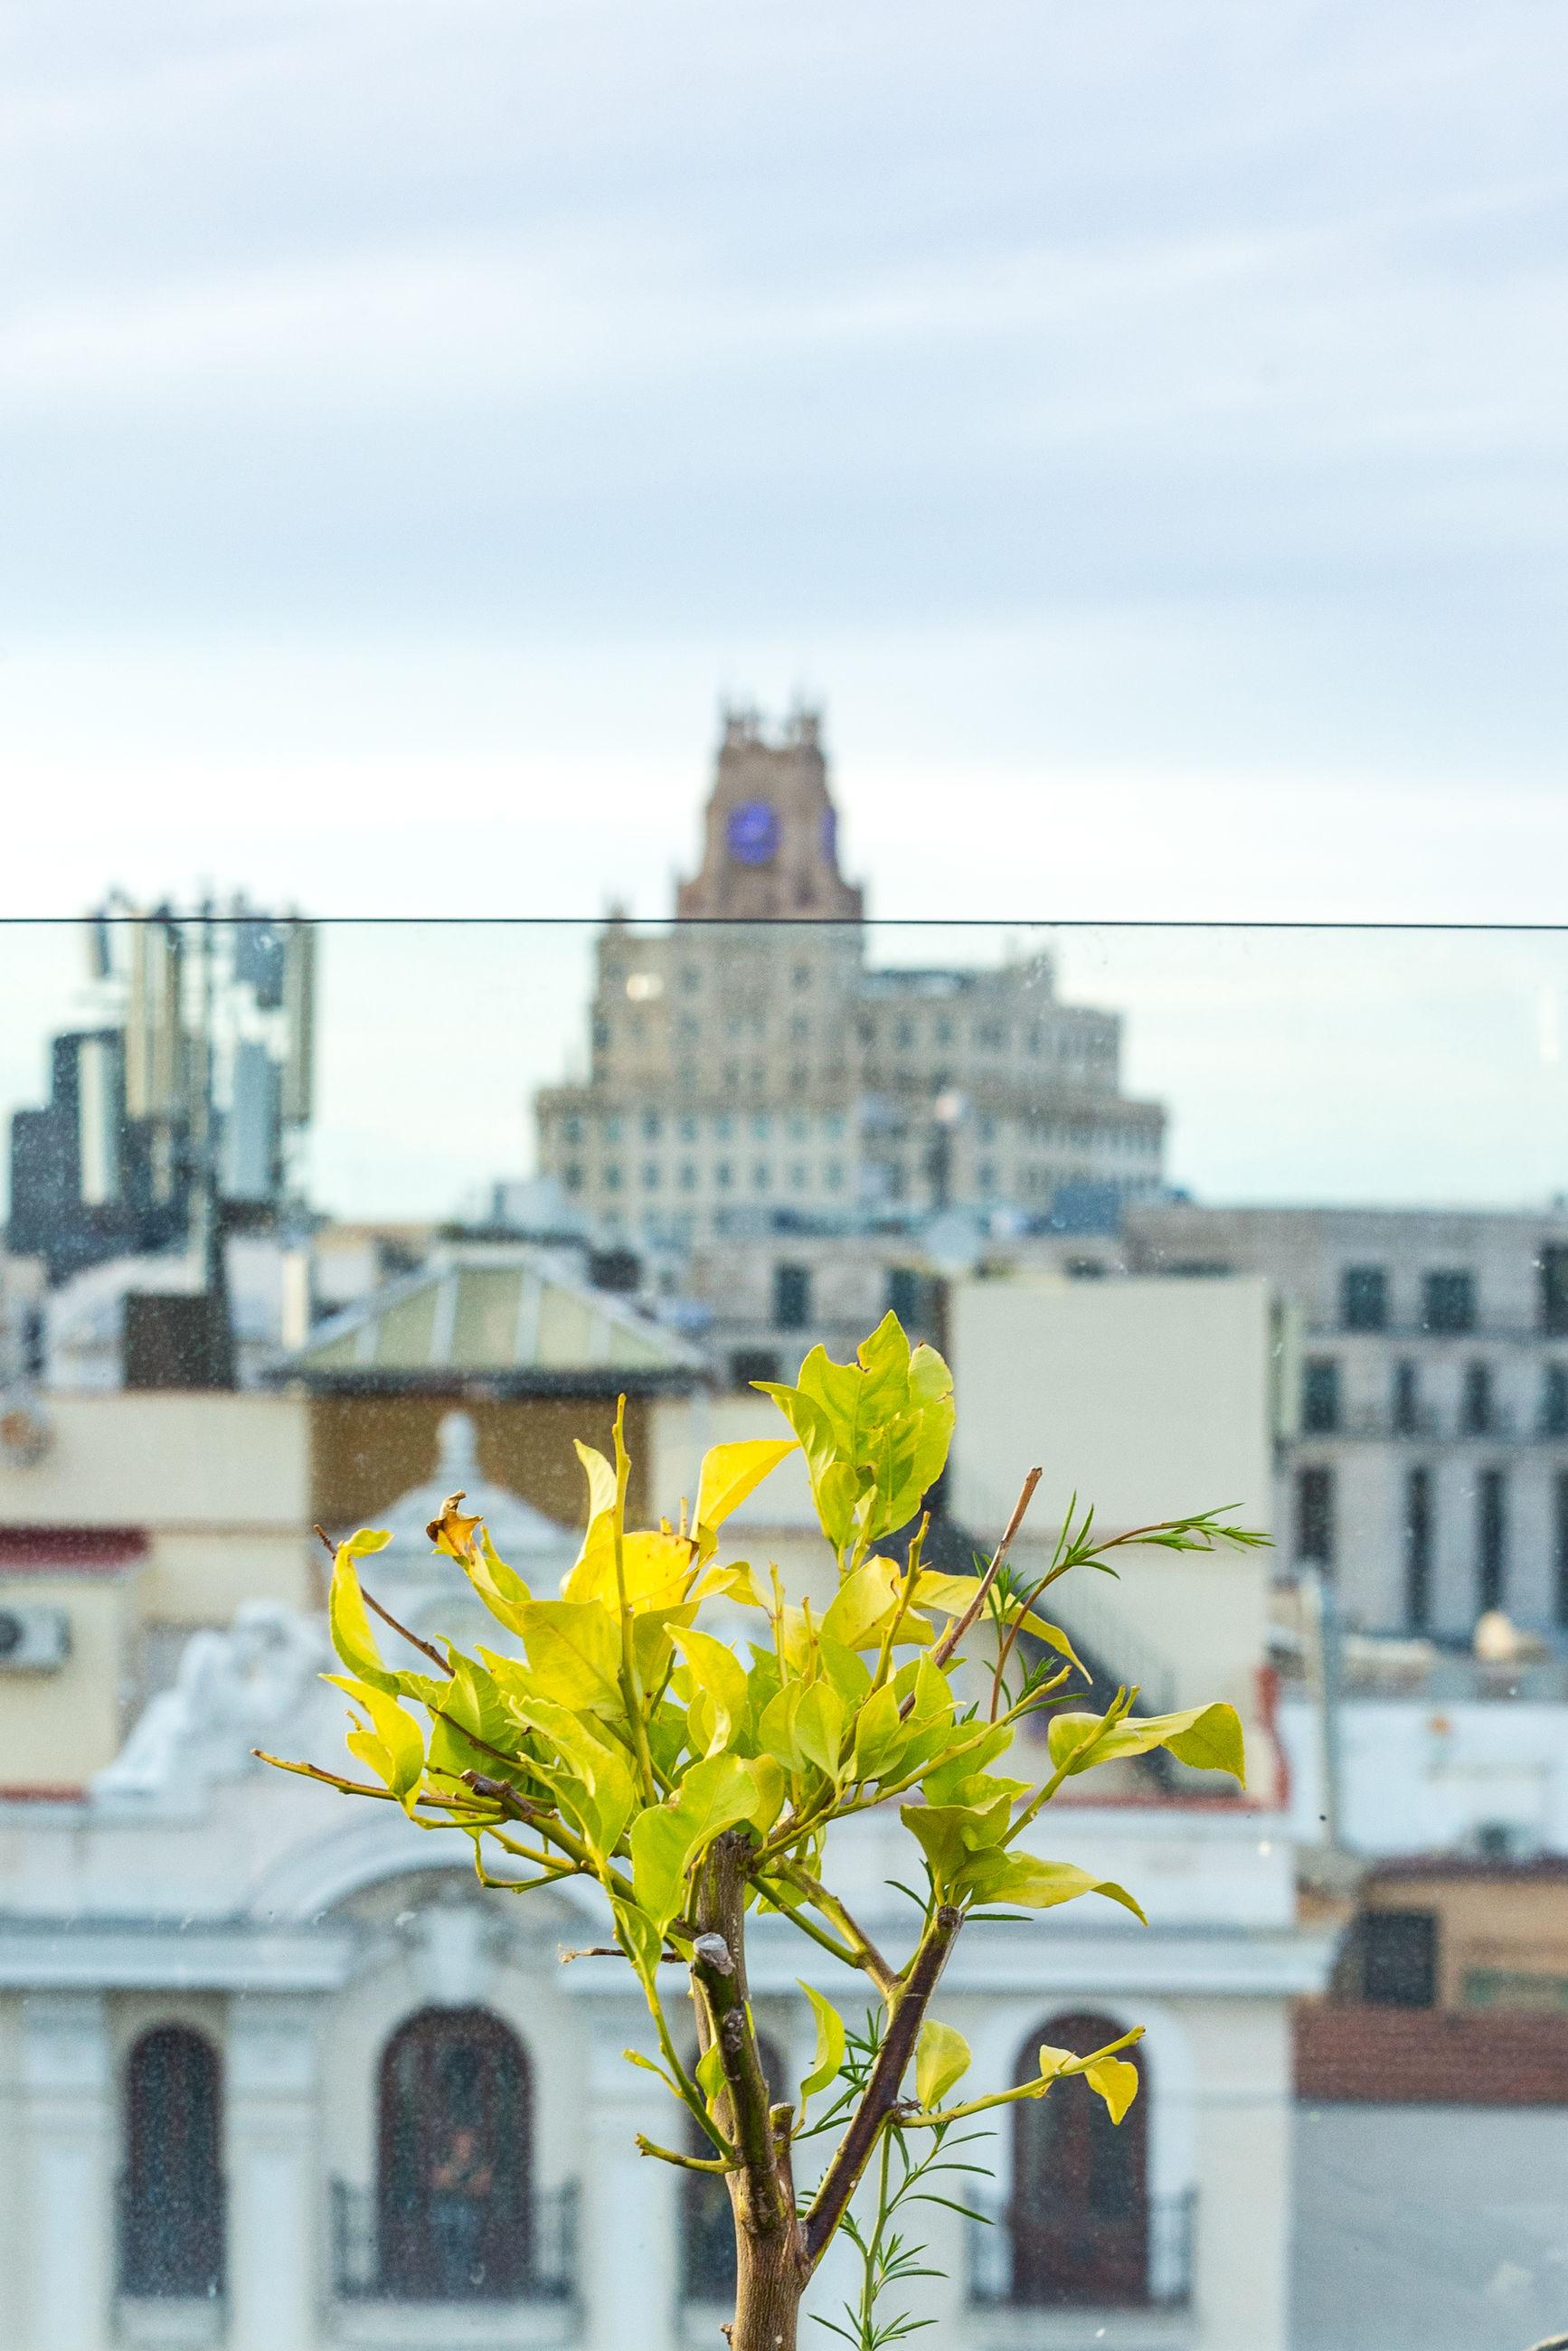 YELLOW FLOWERING PLANT AGAINST BUILDINGS